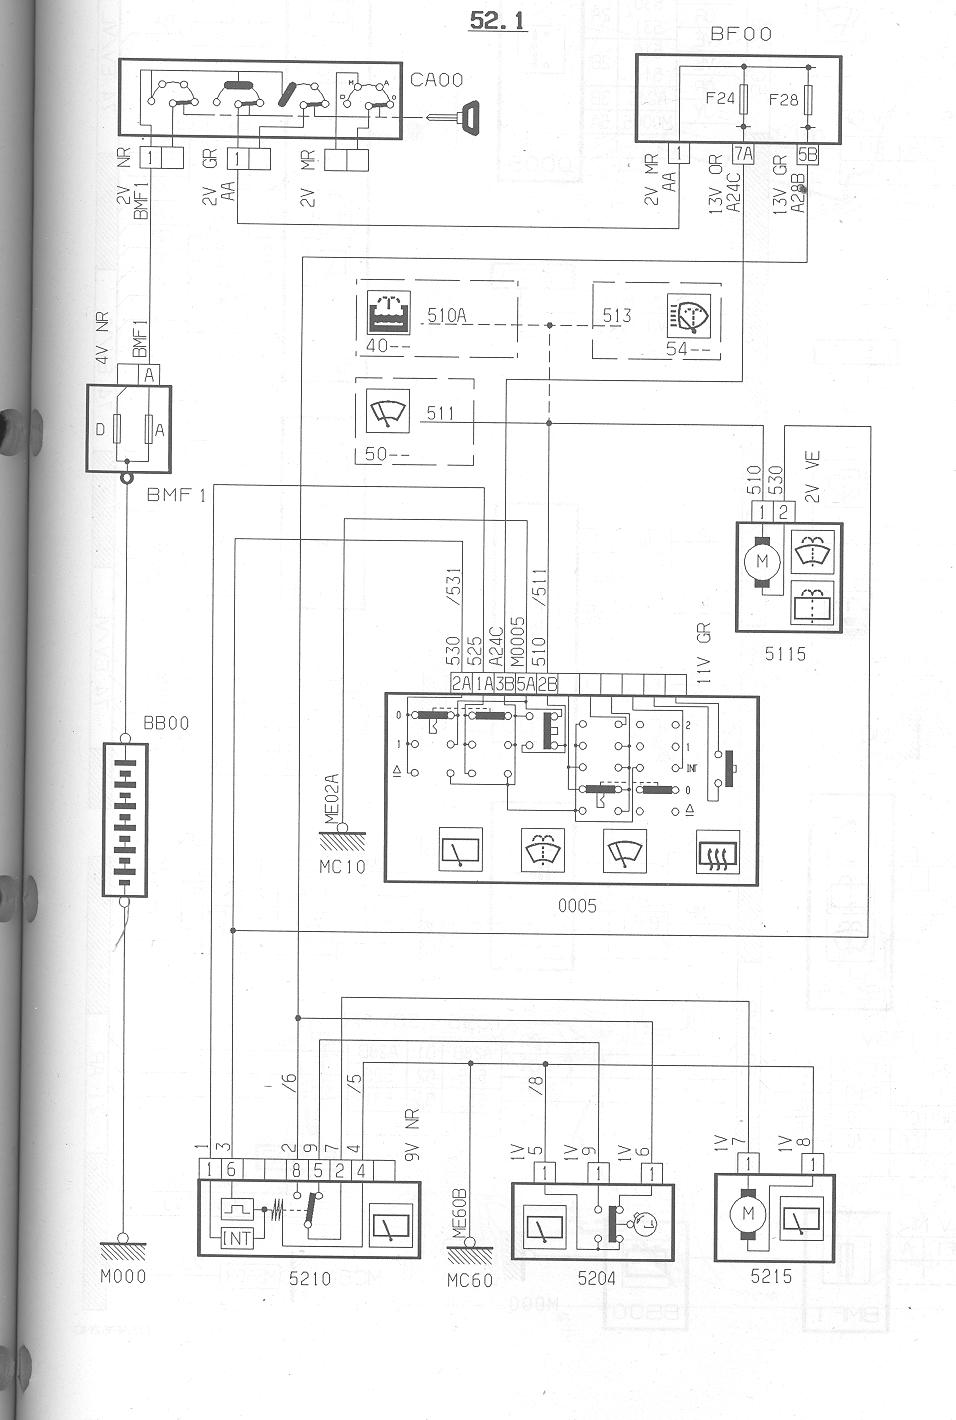 renault clio 2005 wiring diagram